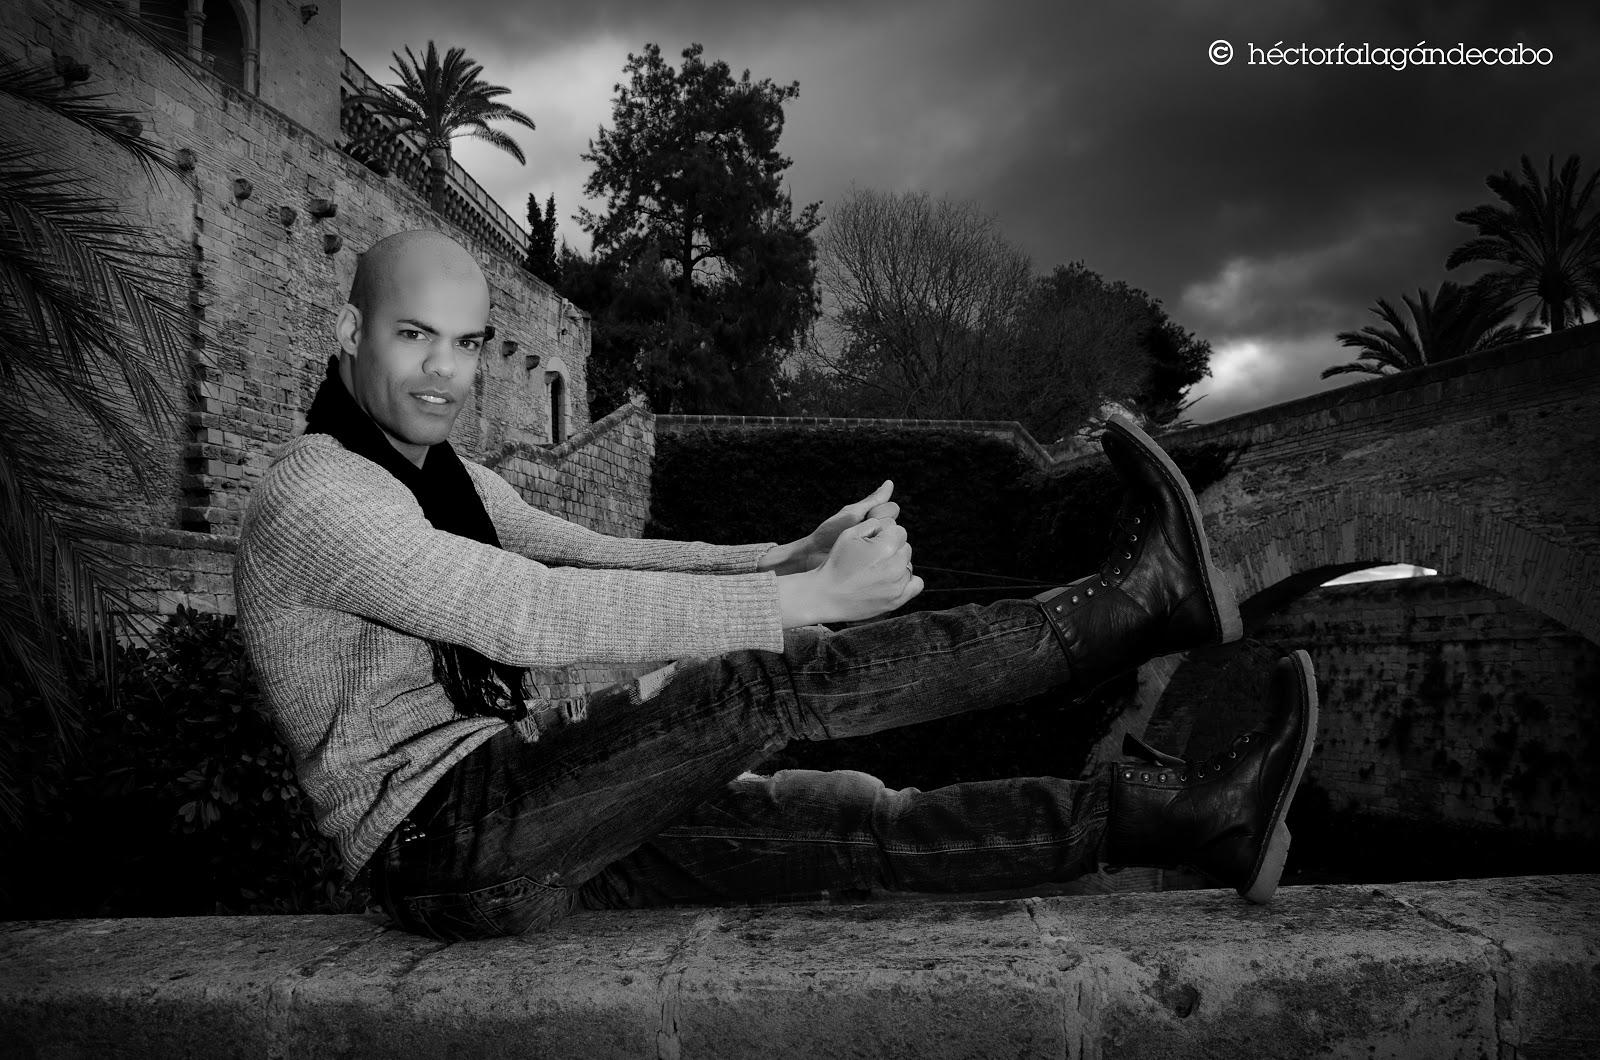 Fotografía Modelos Mallorca. Cleber: Desafiando el Invierno. Héctor Falagán De Cabo | hfilms & photography. Mallorca, Islas Baleares, España.